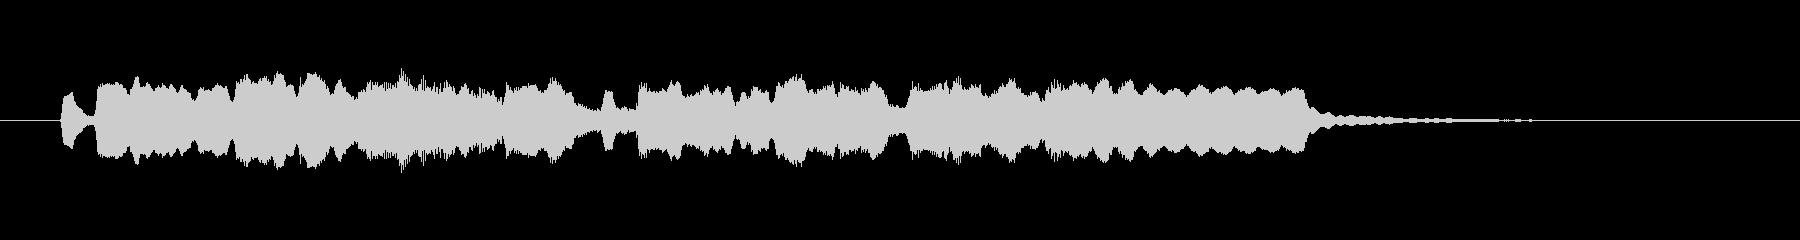 メルヘンで可憐なフルートジングルの未再生の波形